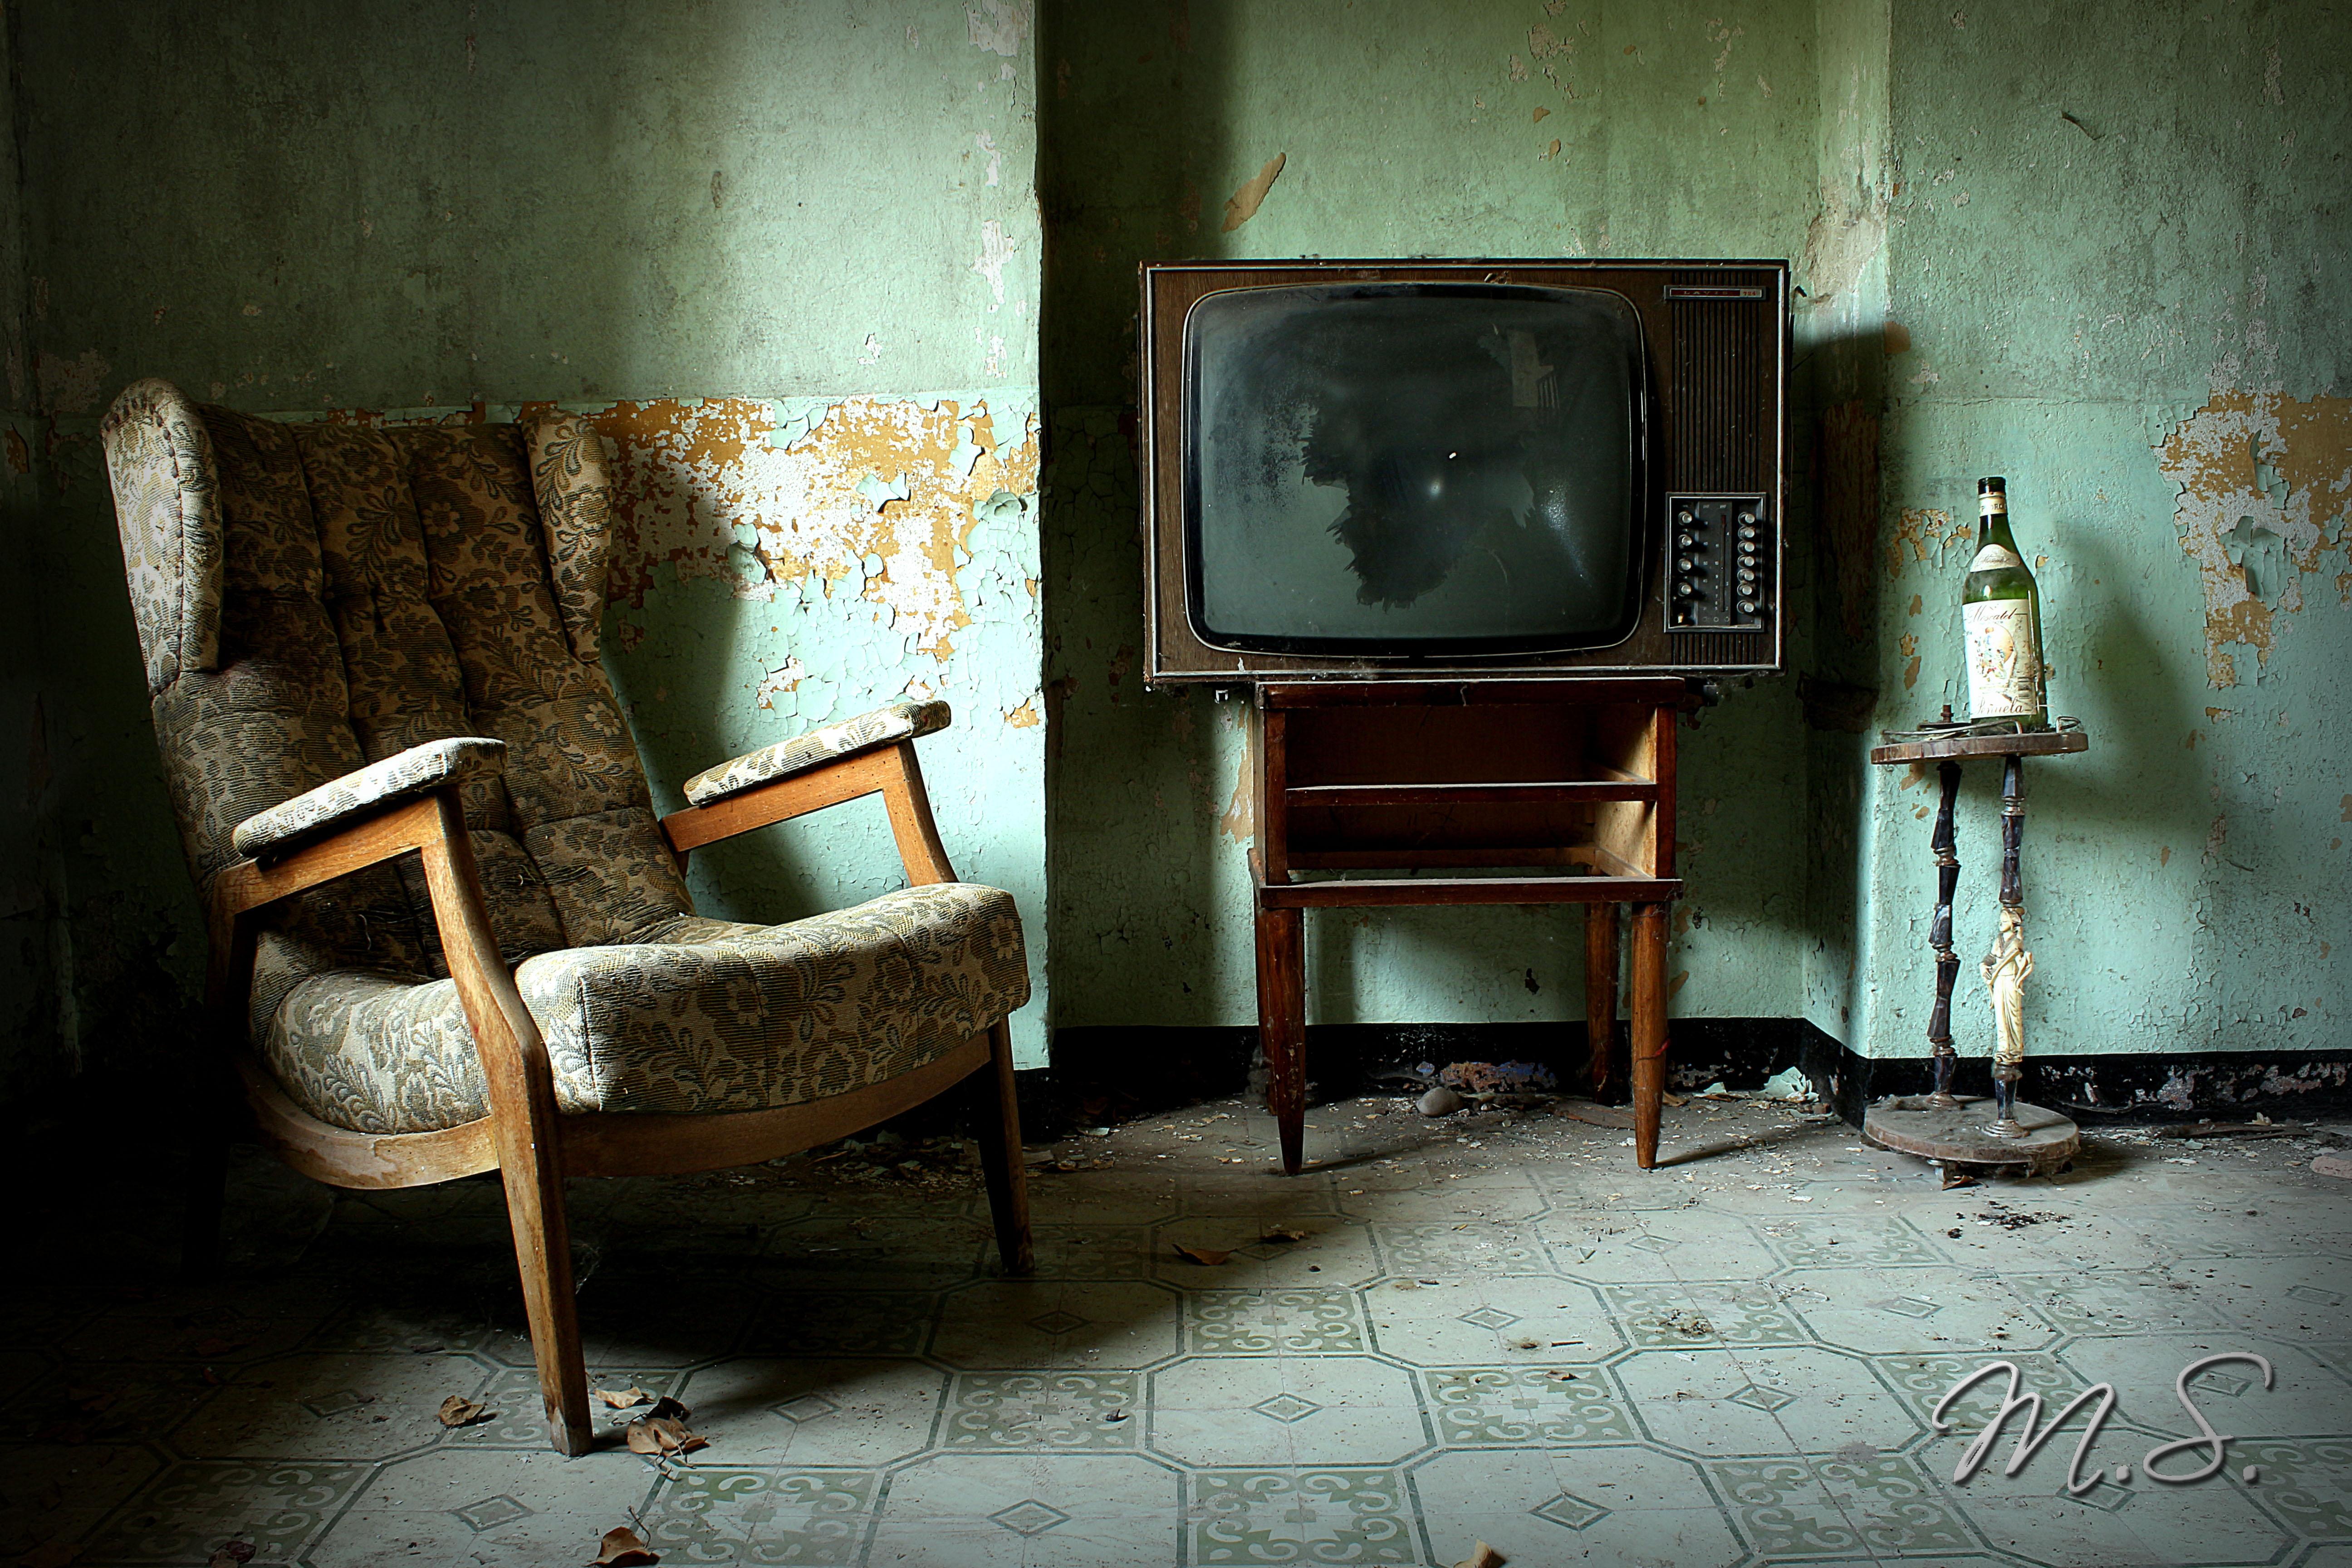 sillón y teles abandonadas